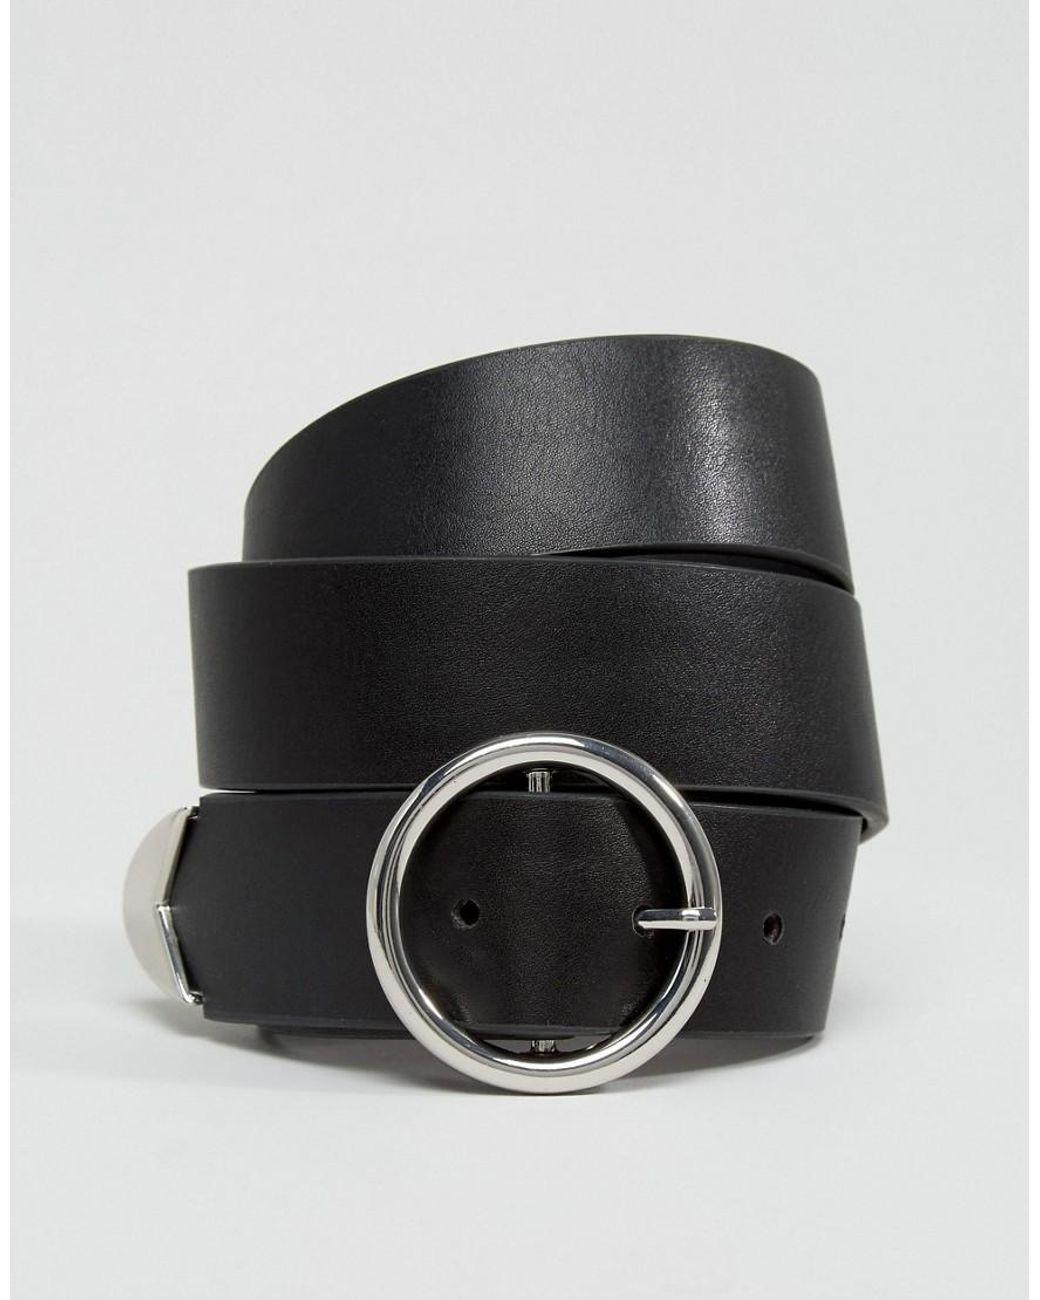 grand choix de officiel de vente chaude acheter en ligne Ceinture pour jean avec boucle circulaire et embouts fantaisie femme de  coloris noir